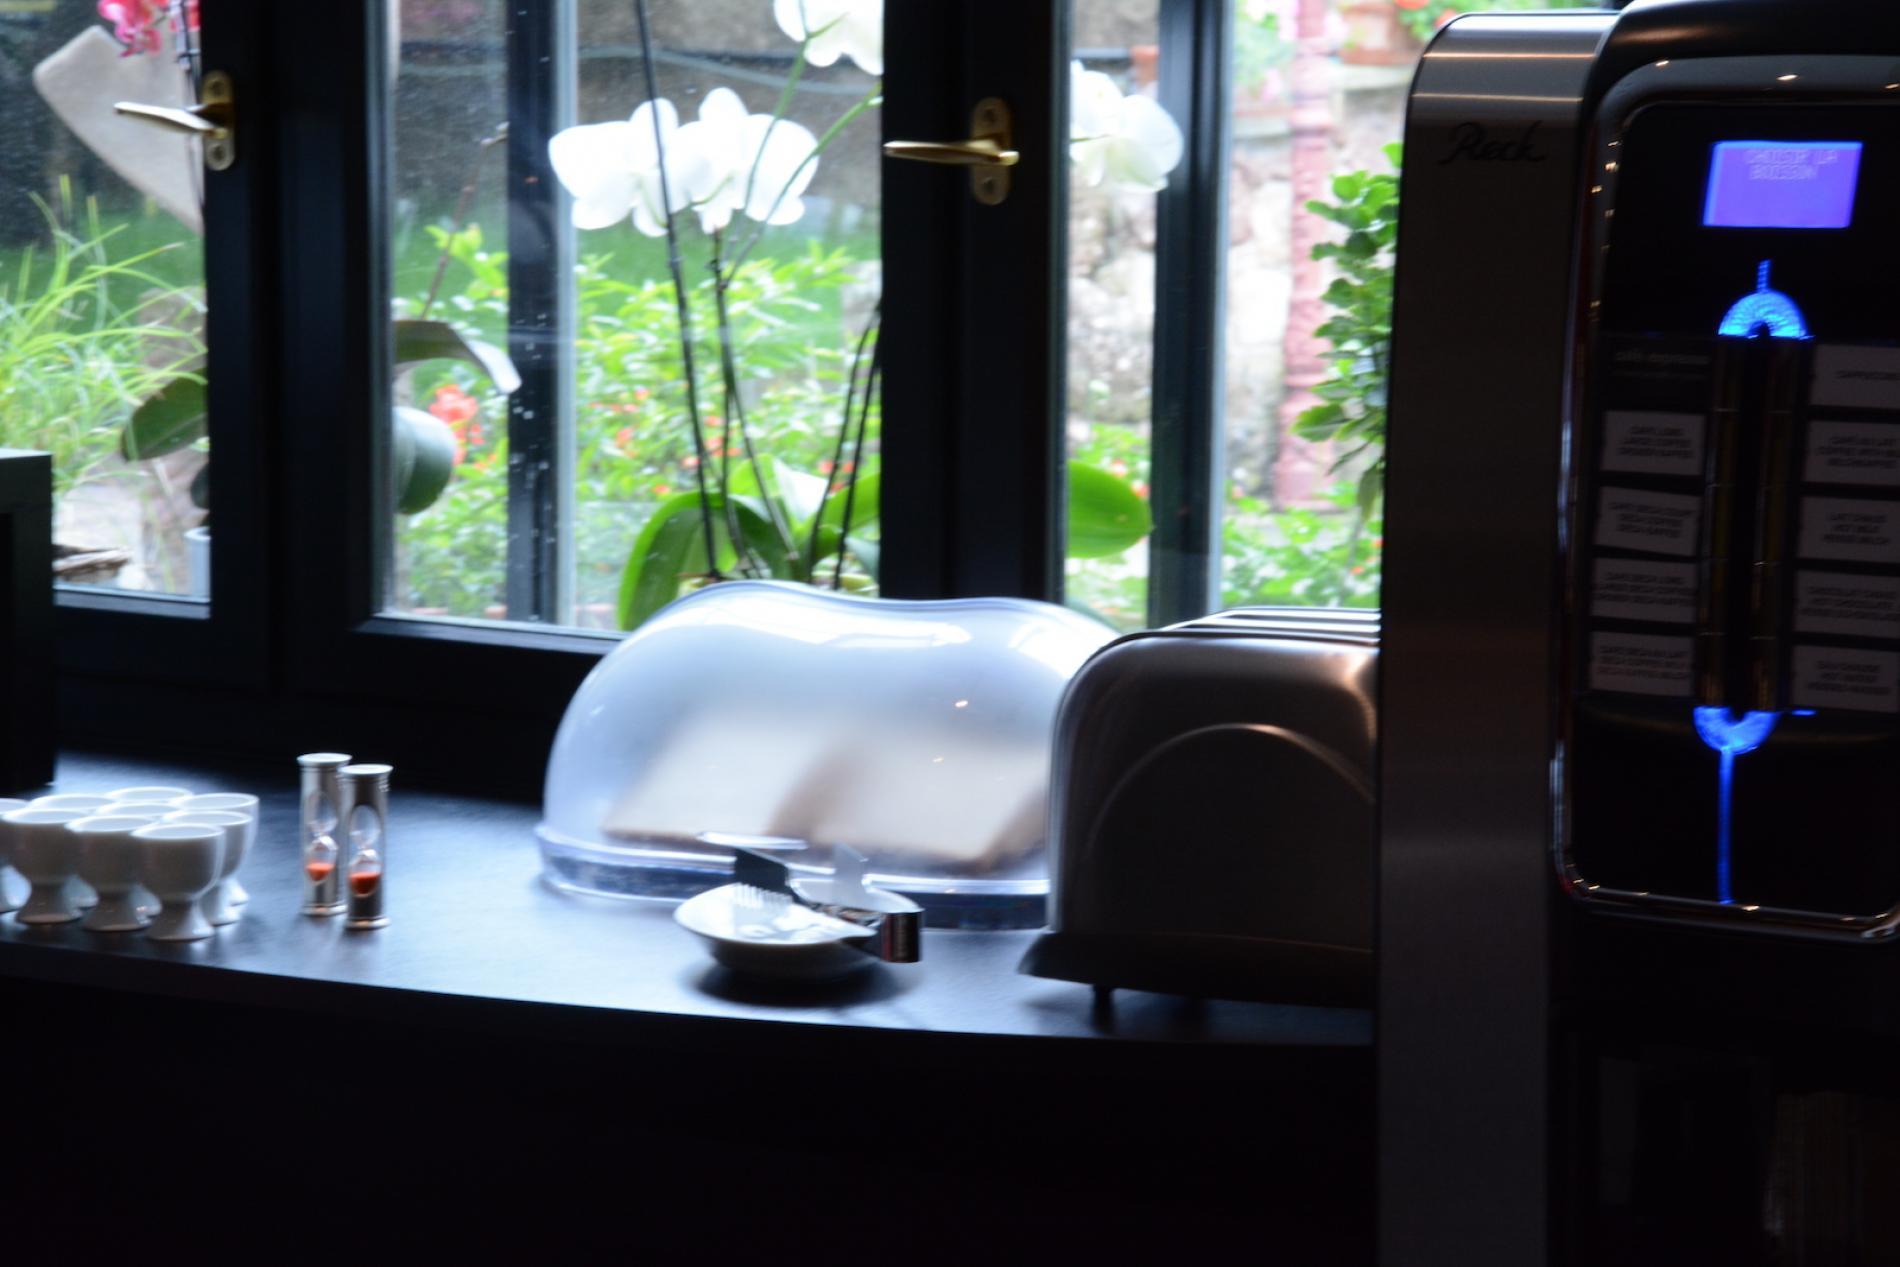 Bienvenue à l'Hôtel du Centre à Molsheim<br> Buffet varié avec produits bio et locaux